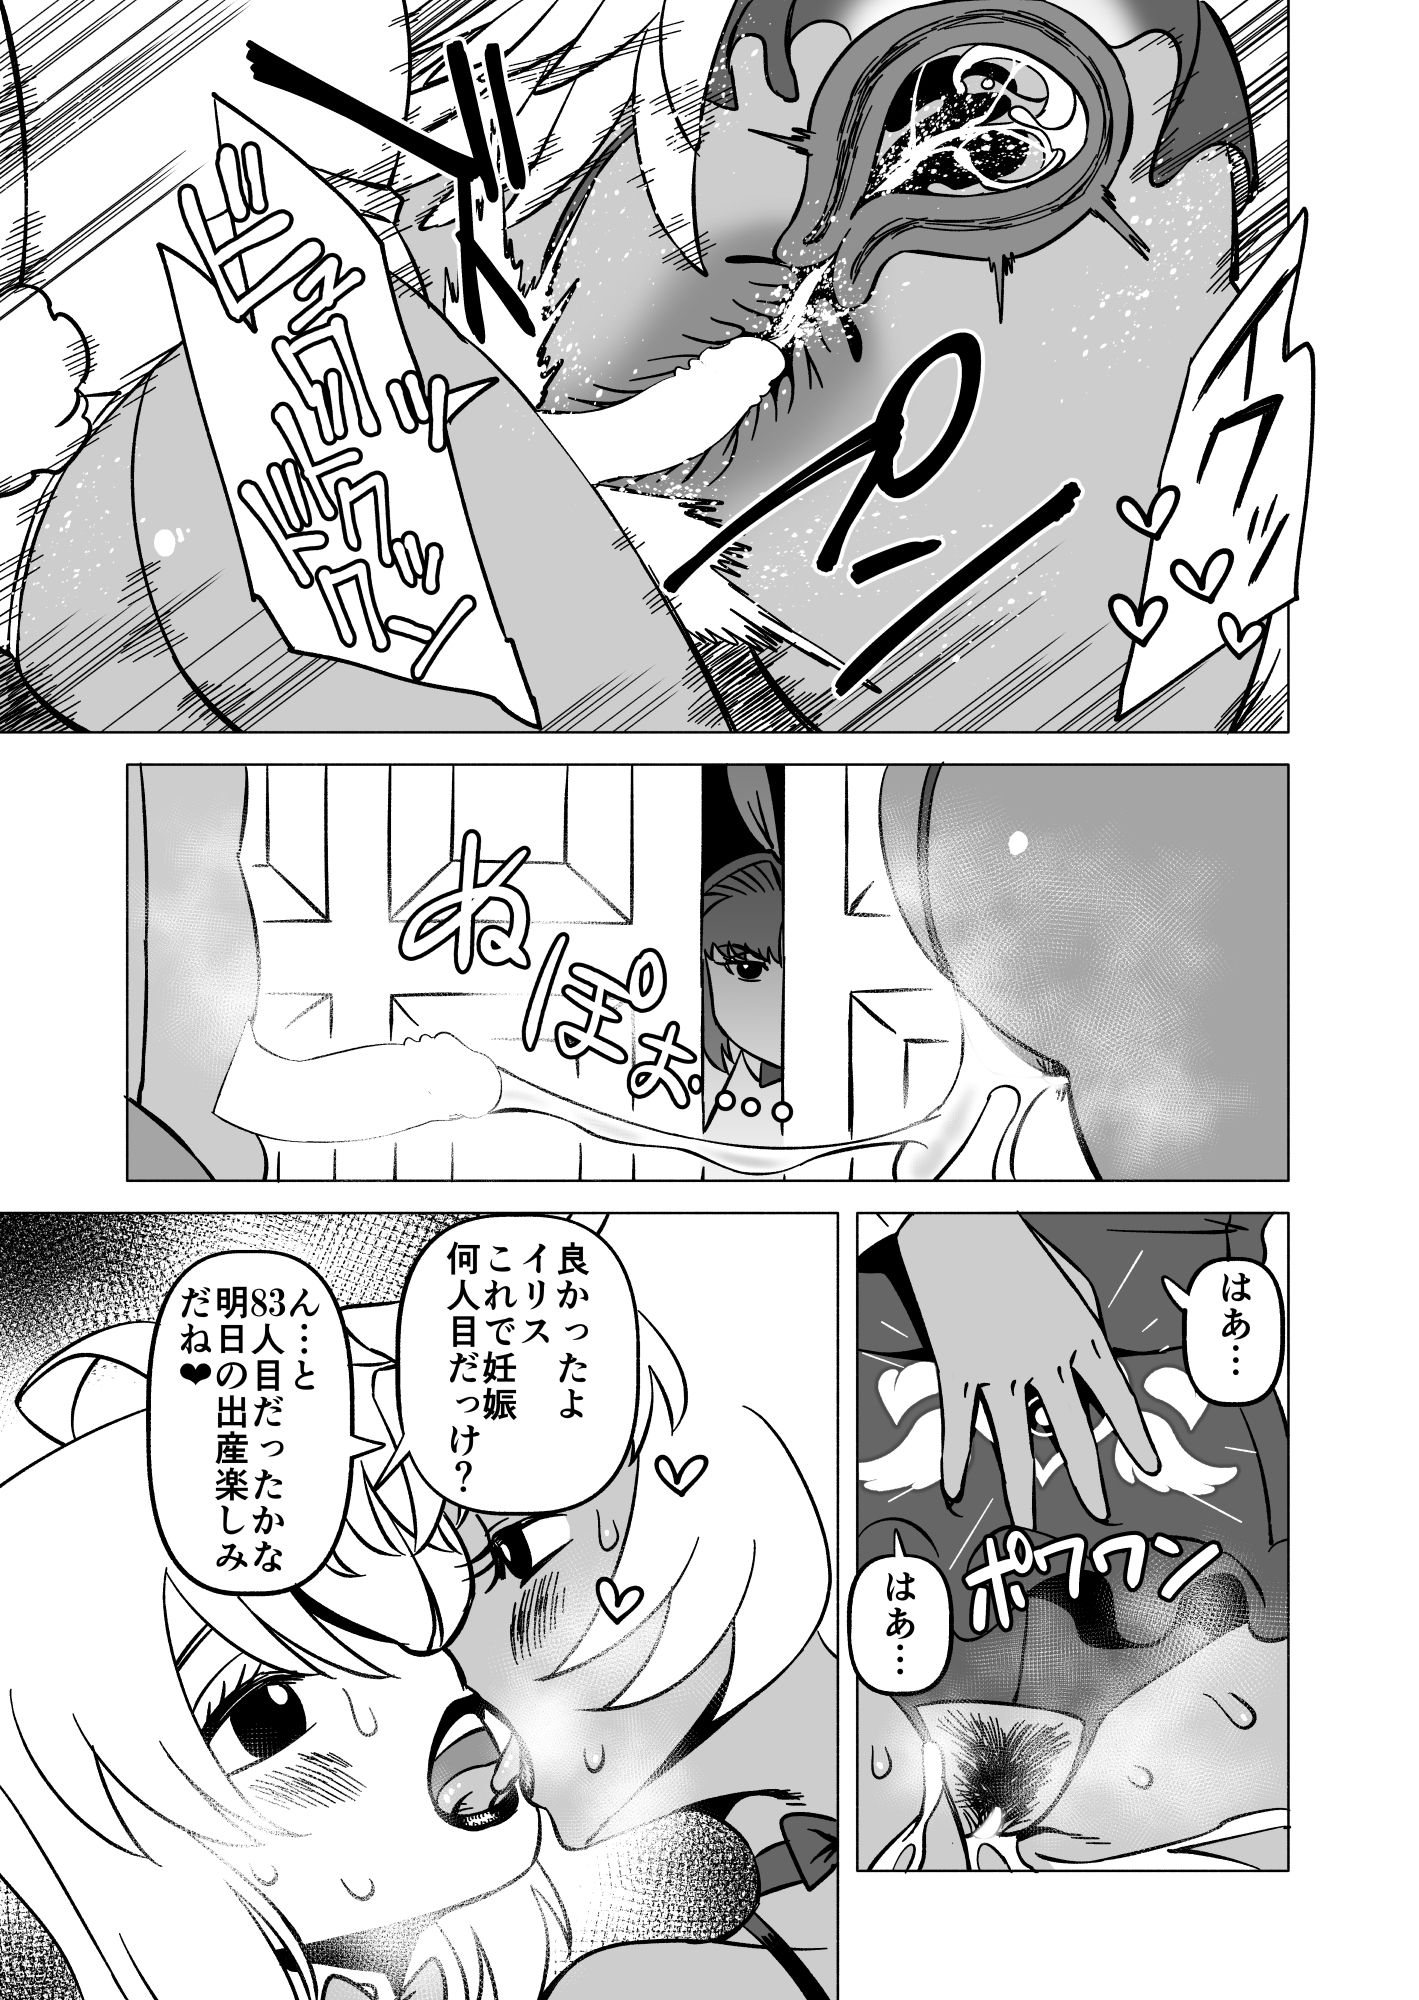 魔王様の繁殖記 3(松田シン) [d_174755] 3